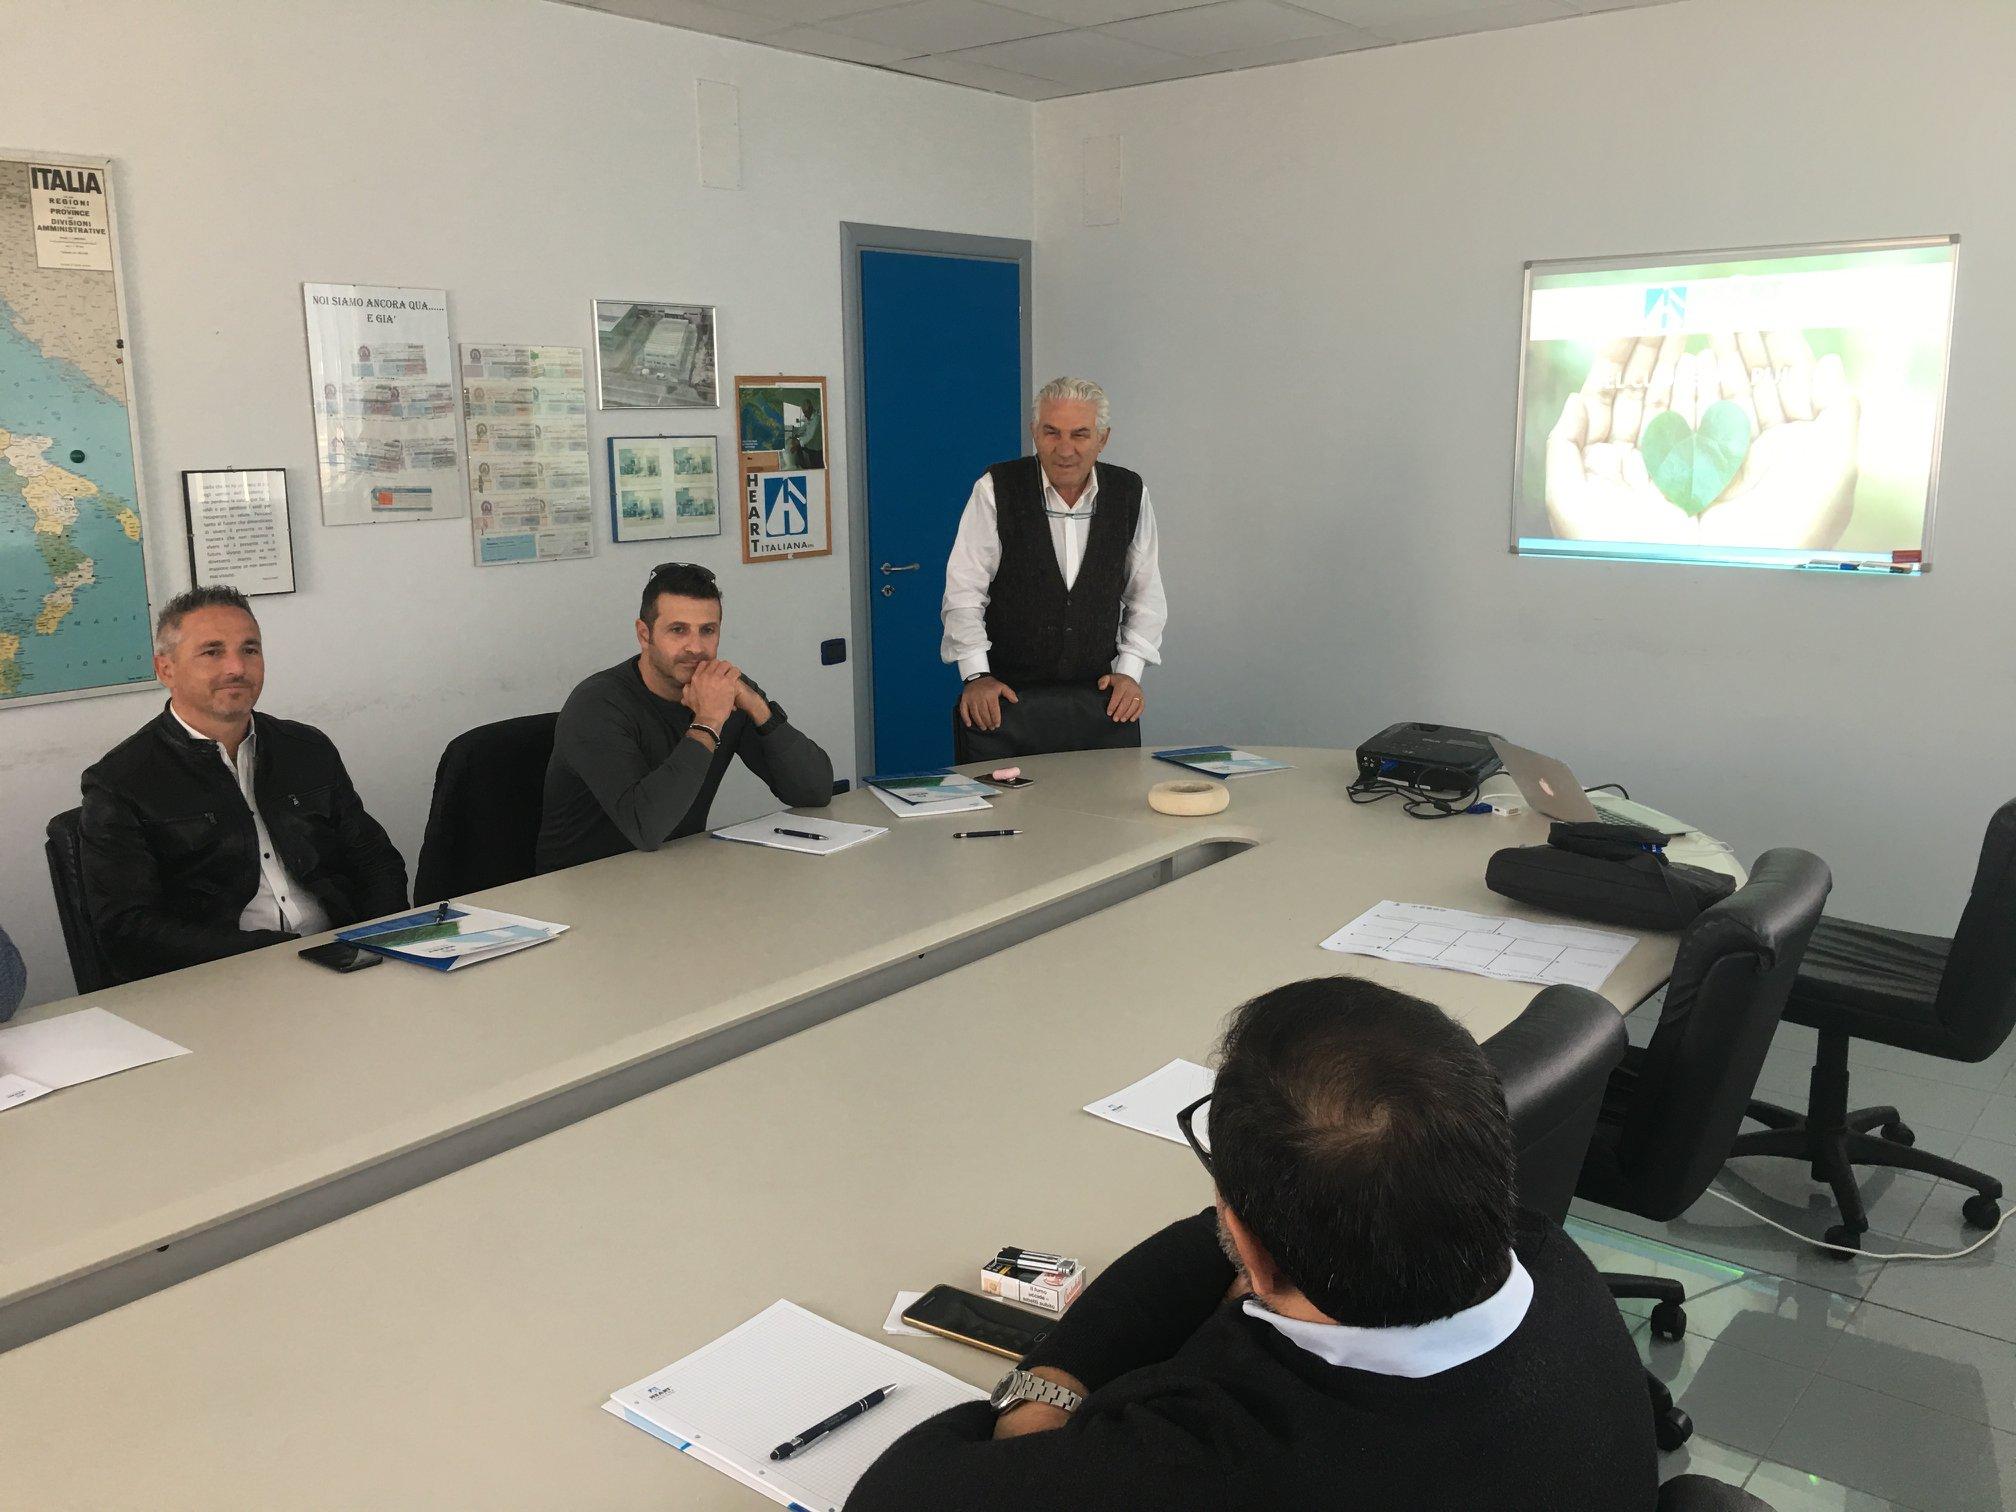 heart italiana 2 lean marketing sales alessandro martemucci corso formazione officinae digital vendite agenzia matera basilicata